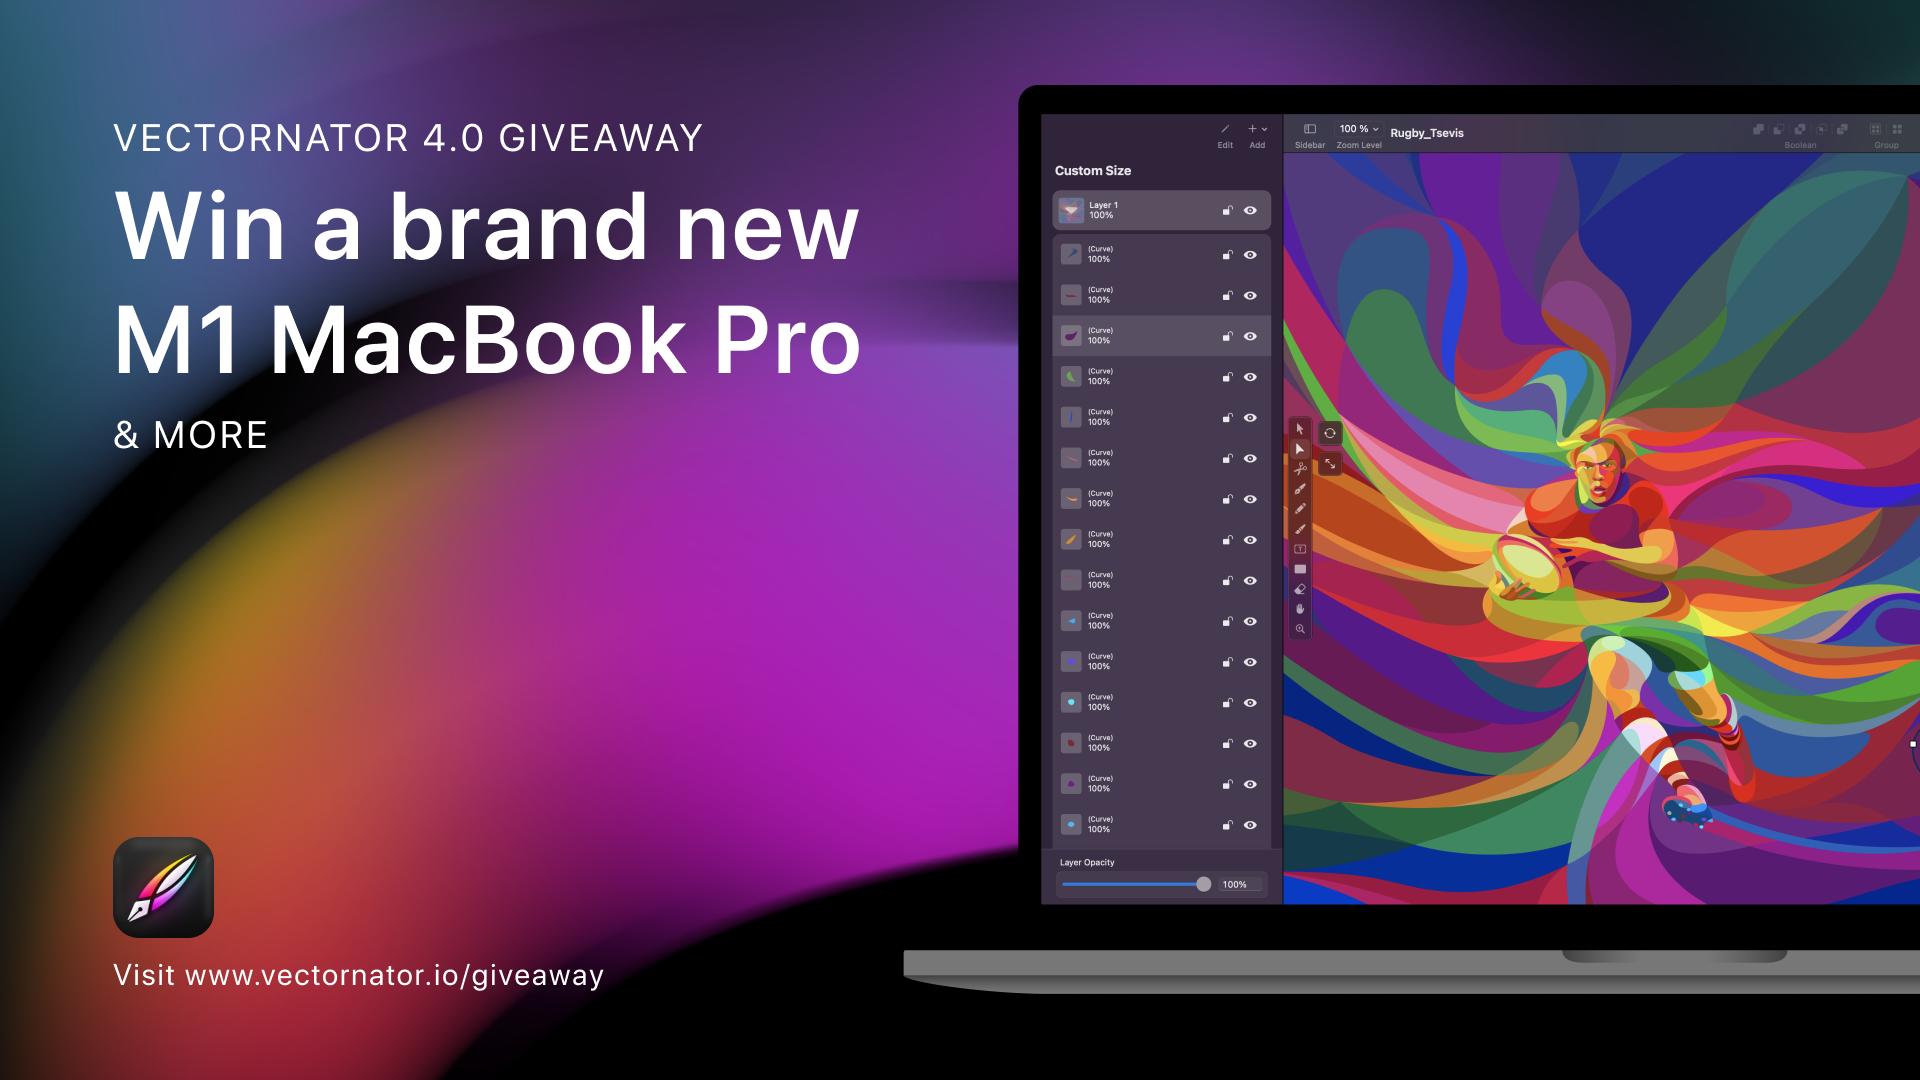 Vectornator 4.0 Macbook Pro M1 giveaway